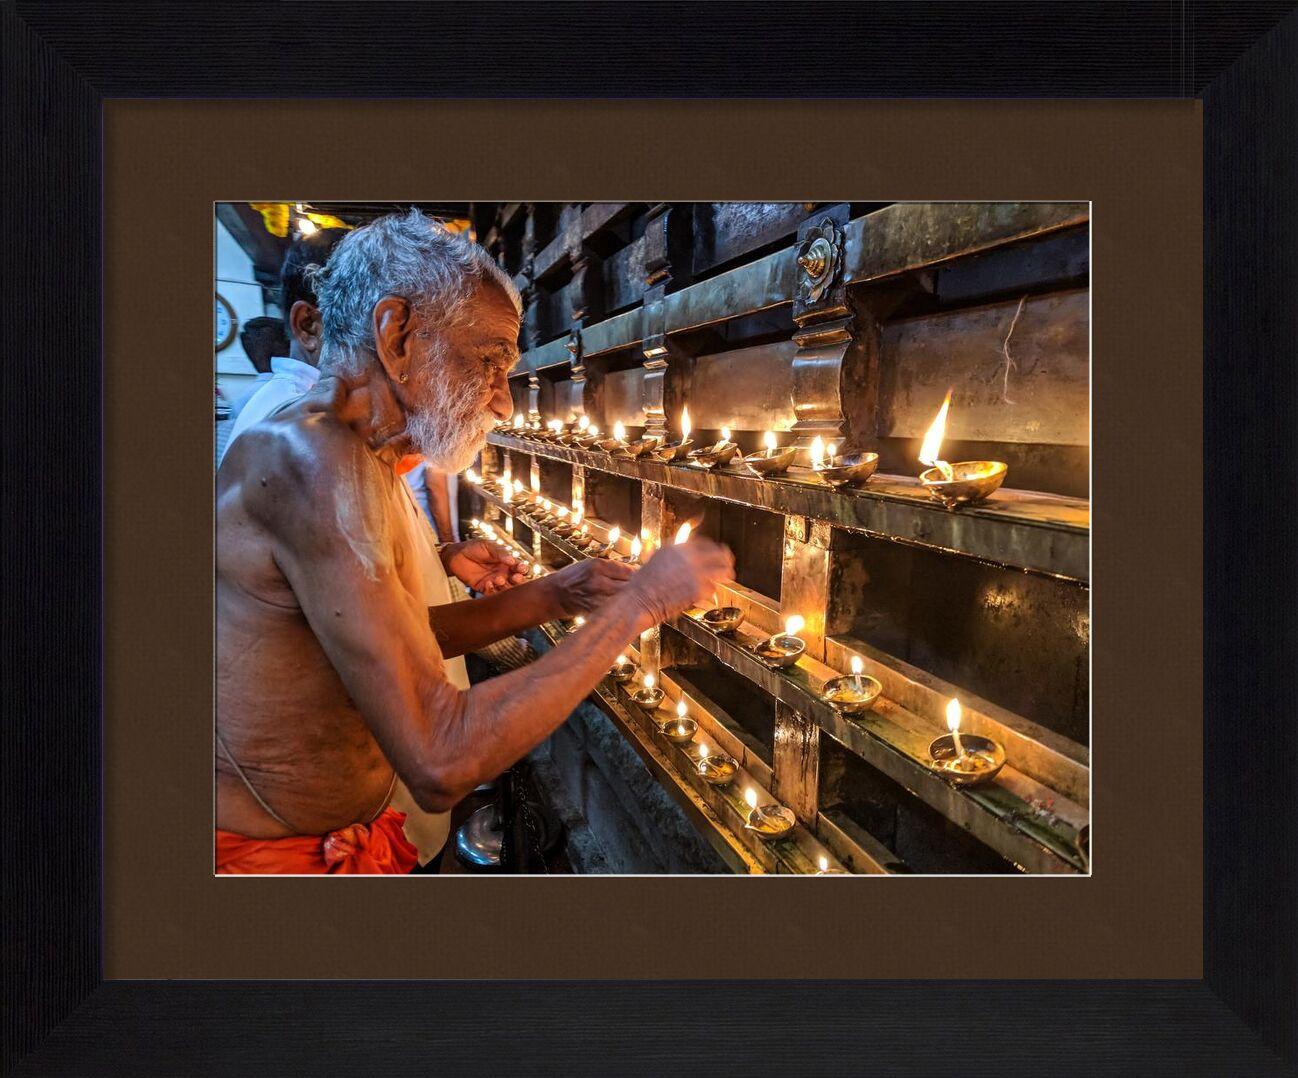 Croyance de Aliss ART, Prodi Art, la personne, vieux, homme, flammes, personnes âgées, Bougies